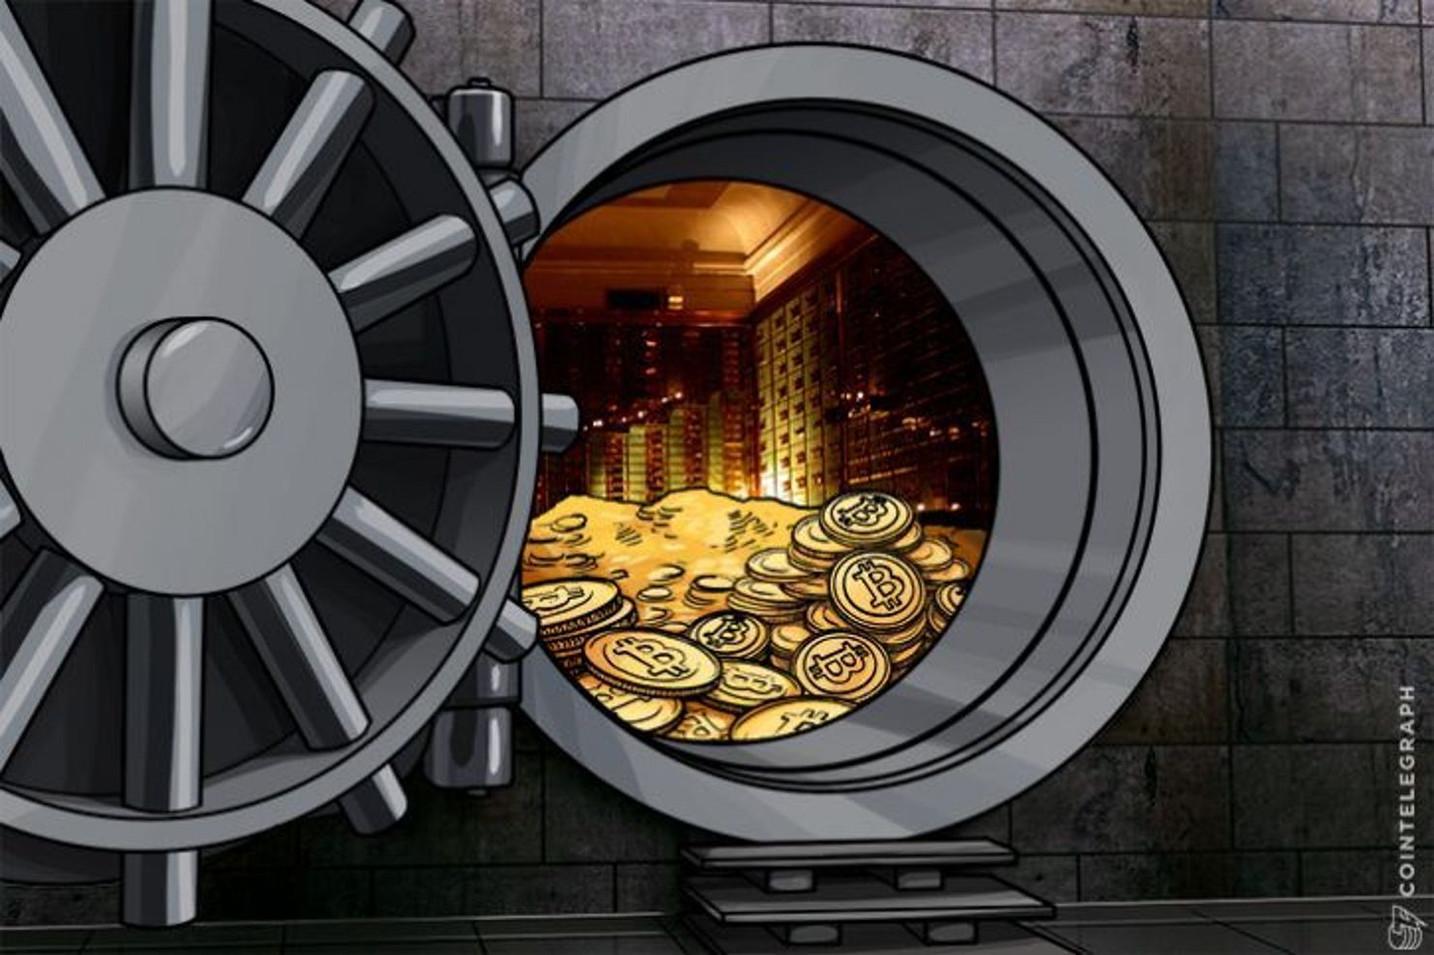 米国はガチホしてればよかった? 世界の政府が押収したビットコイン 全体の2.6%